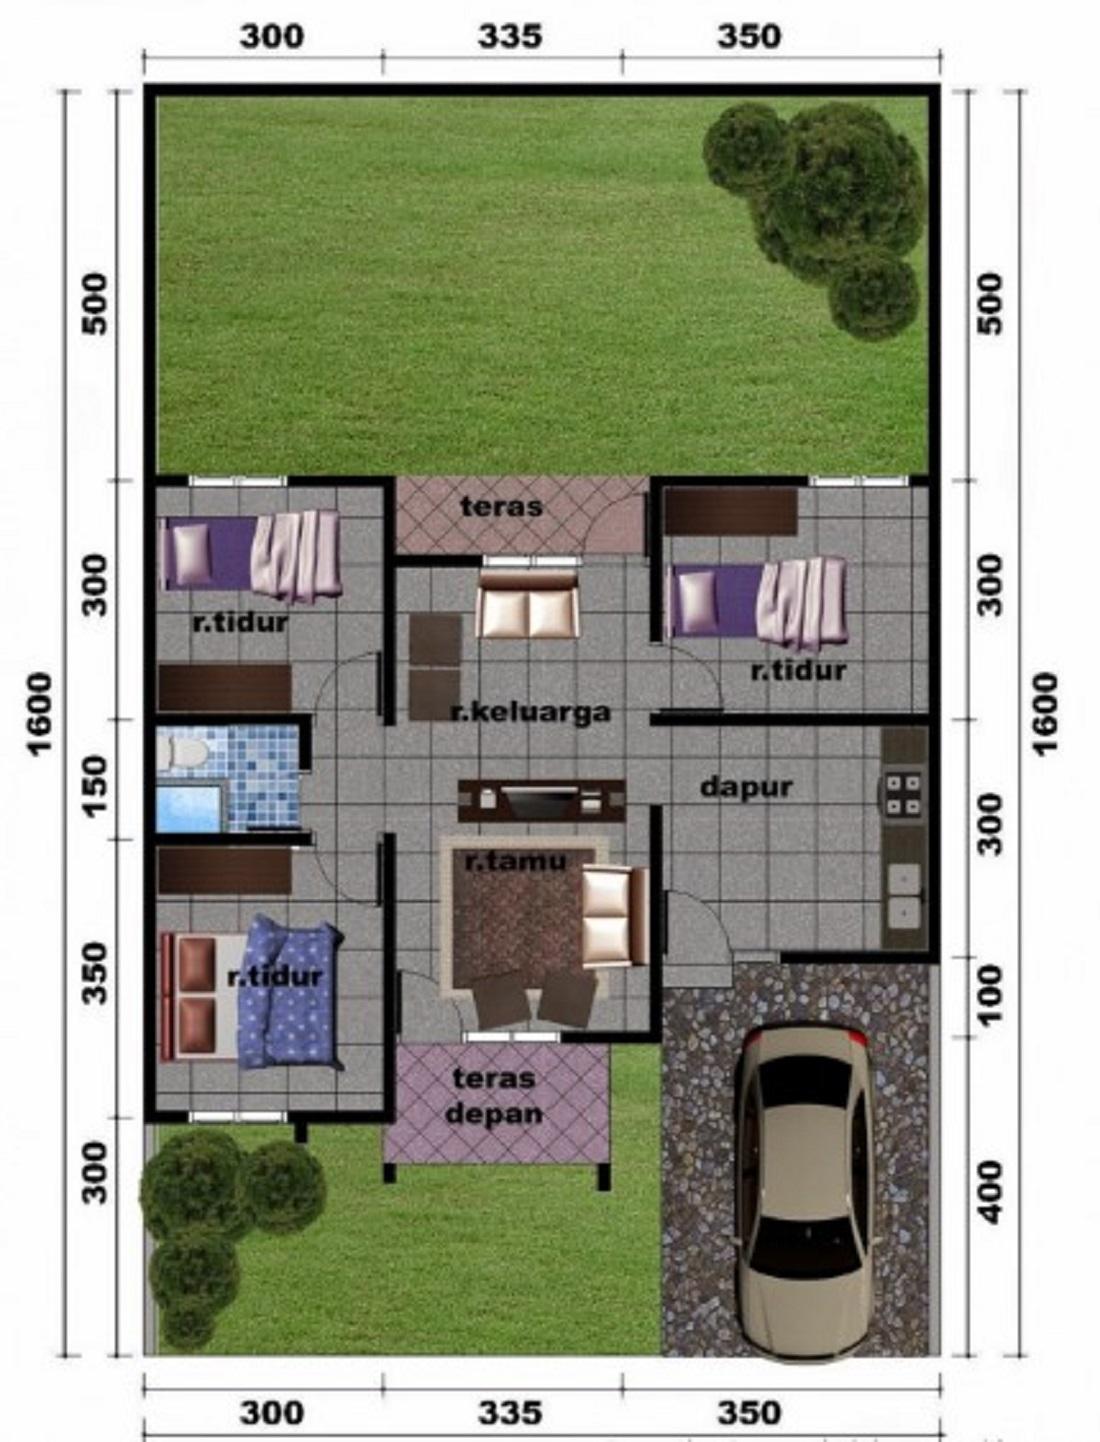 Rumah Minimalis 3 Kamar Tidur Dan Garasi